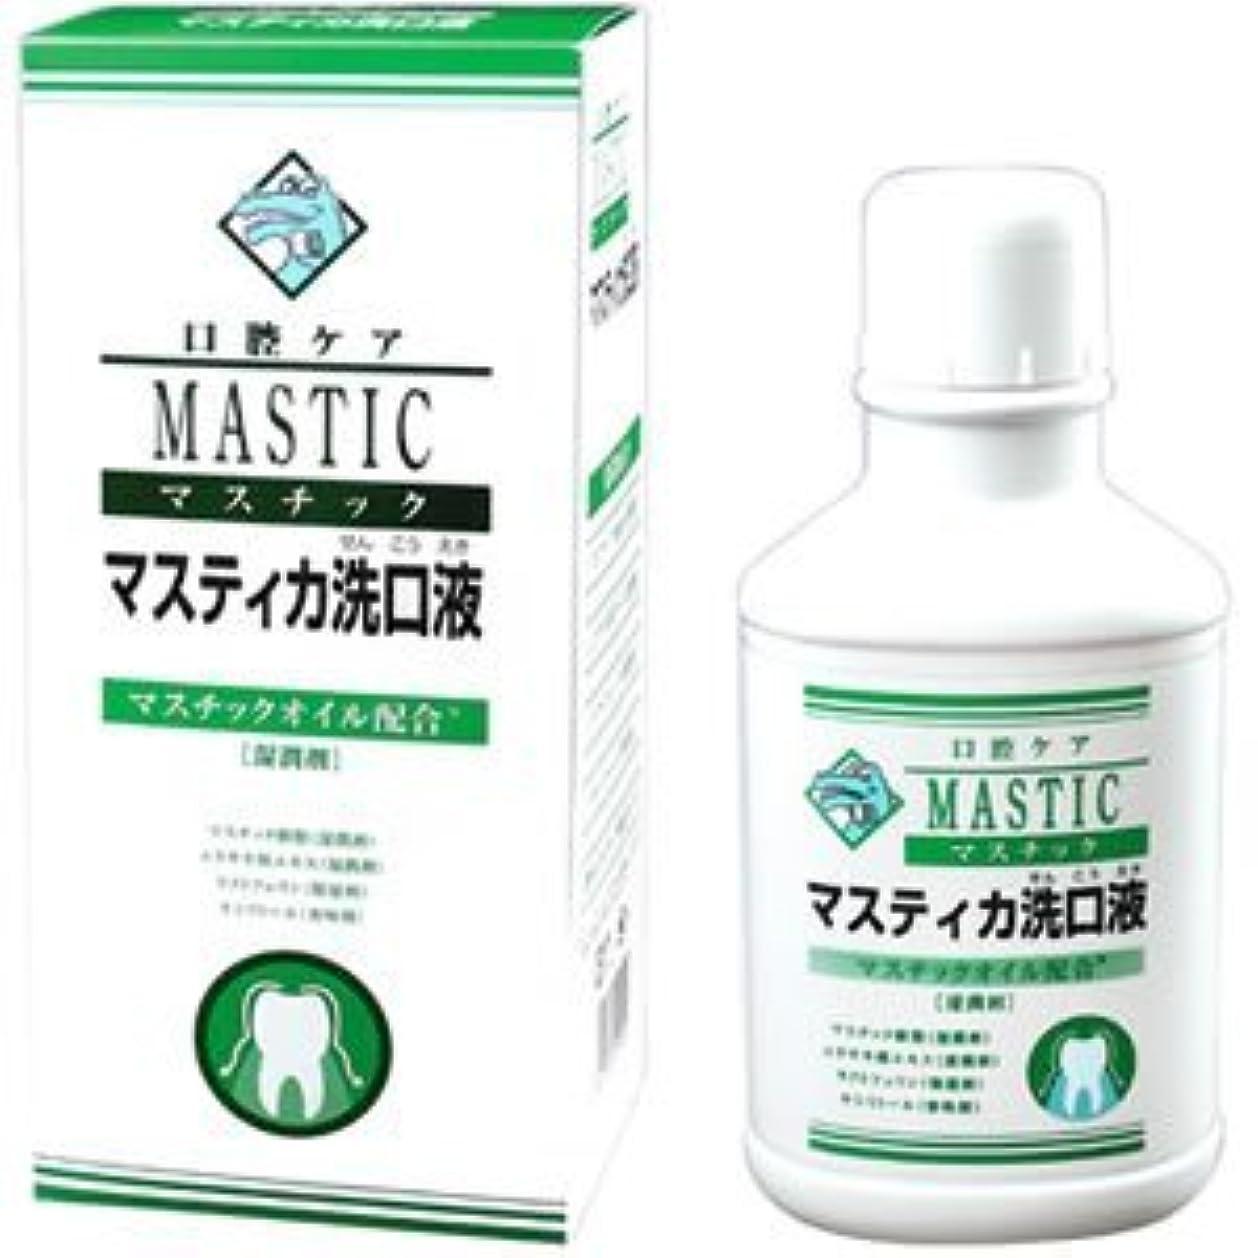 ベッツィトロットウッド疼痛拘束するマスチック マスティカ 洗口液 480mL